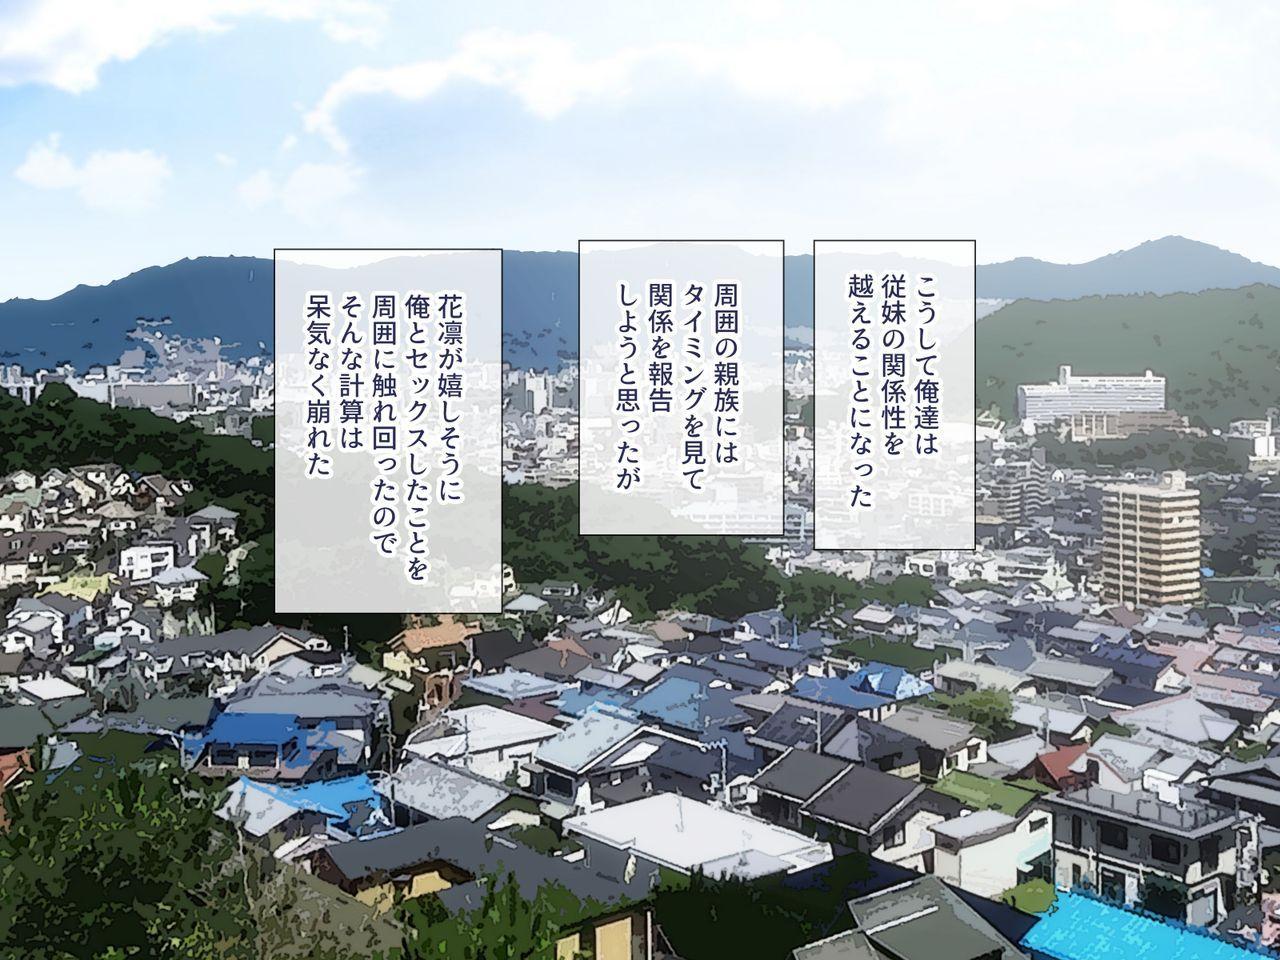 Uchiki na Jyumai ga Ore no Tame ni Karada o Kitaeta Kekka 38